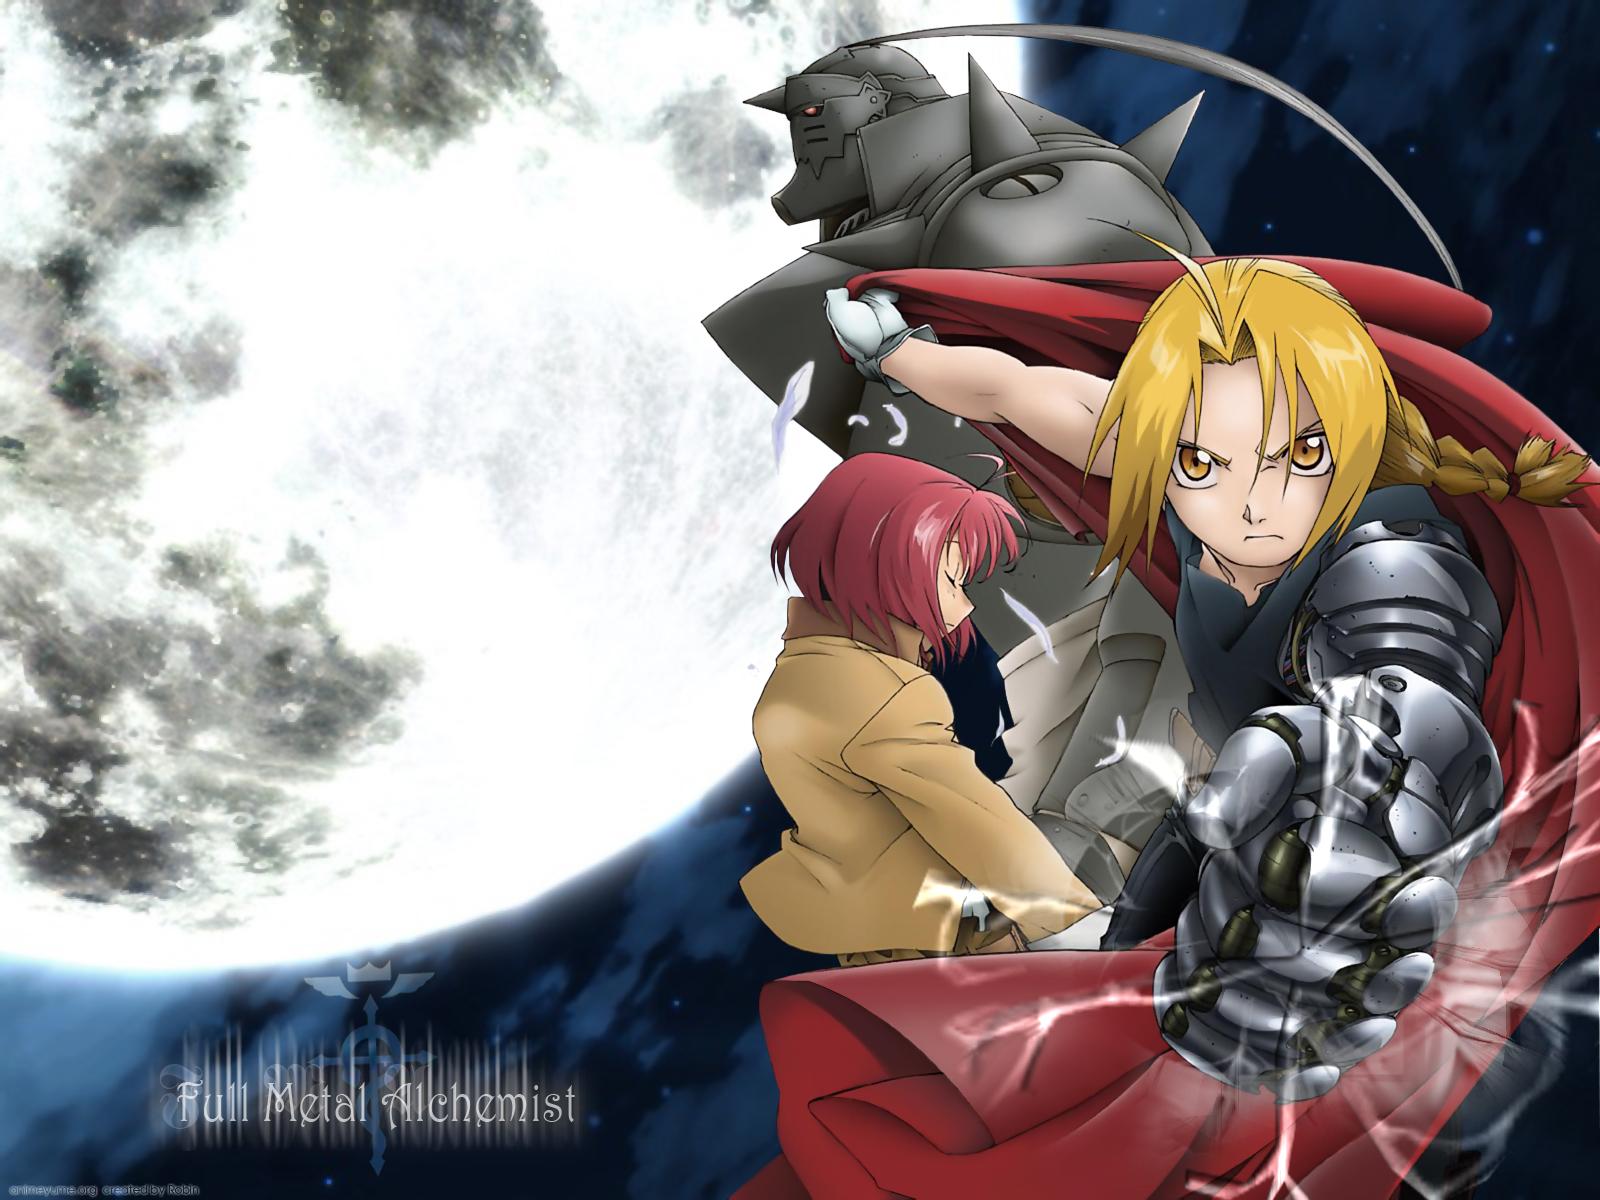 Fullmetal Alchemist Anime Wallpaper # 44